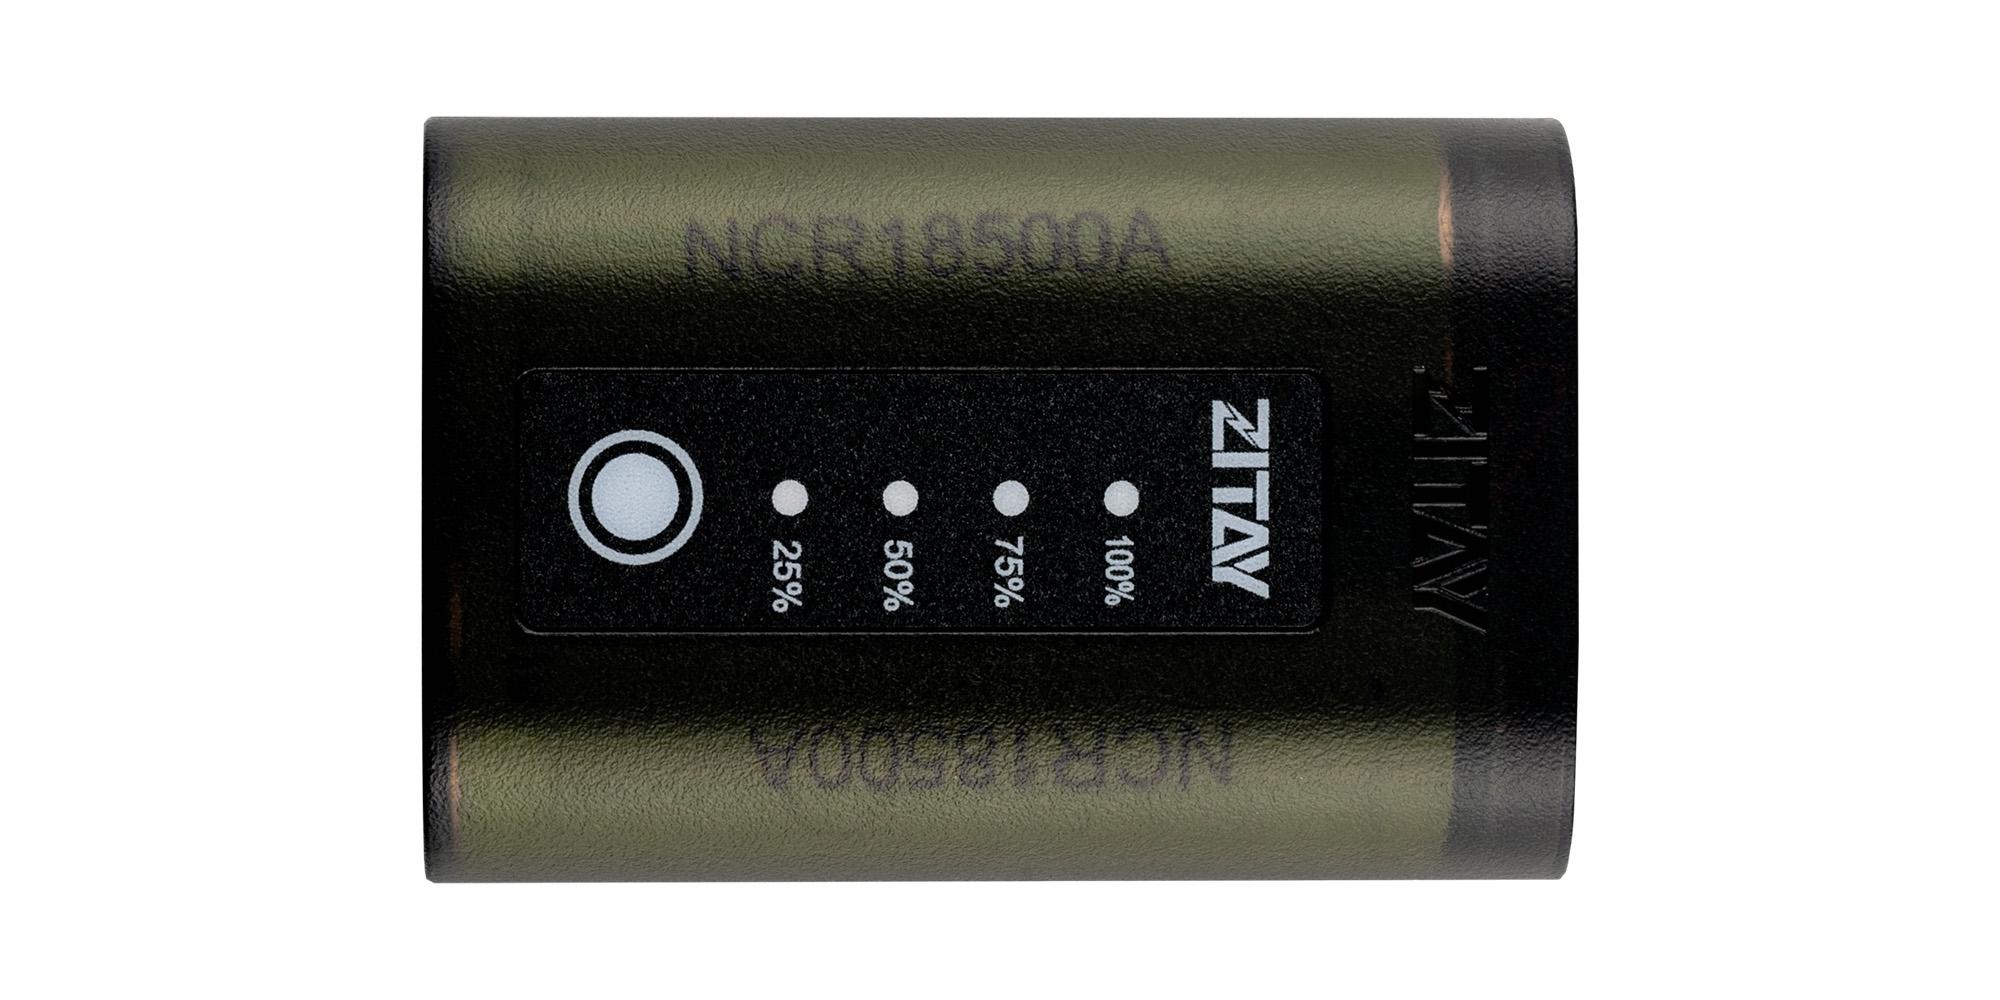 Akumulator Zitay zamiennik LP-E6 - Nieprzeciętny wygląd